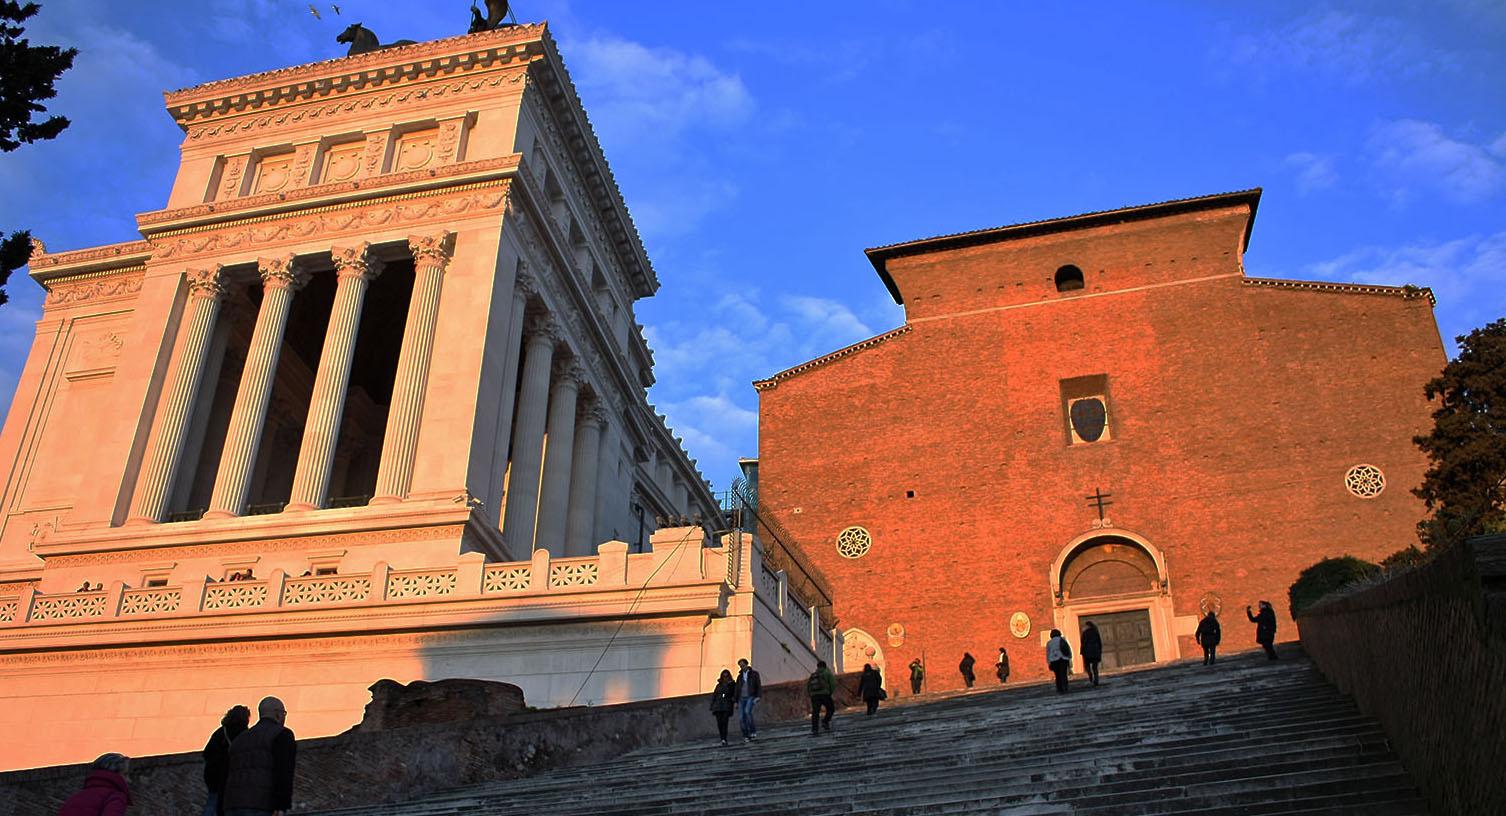 L'église du Capitole, Sainte Marie d'Aracoeli